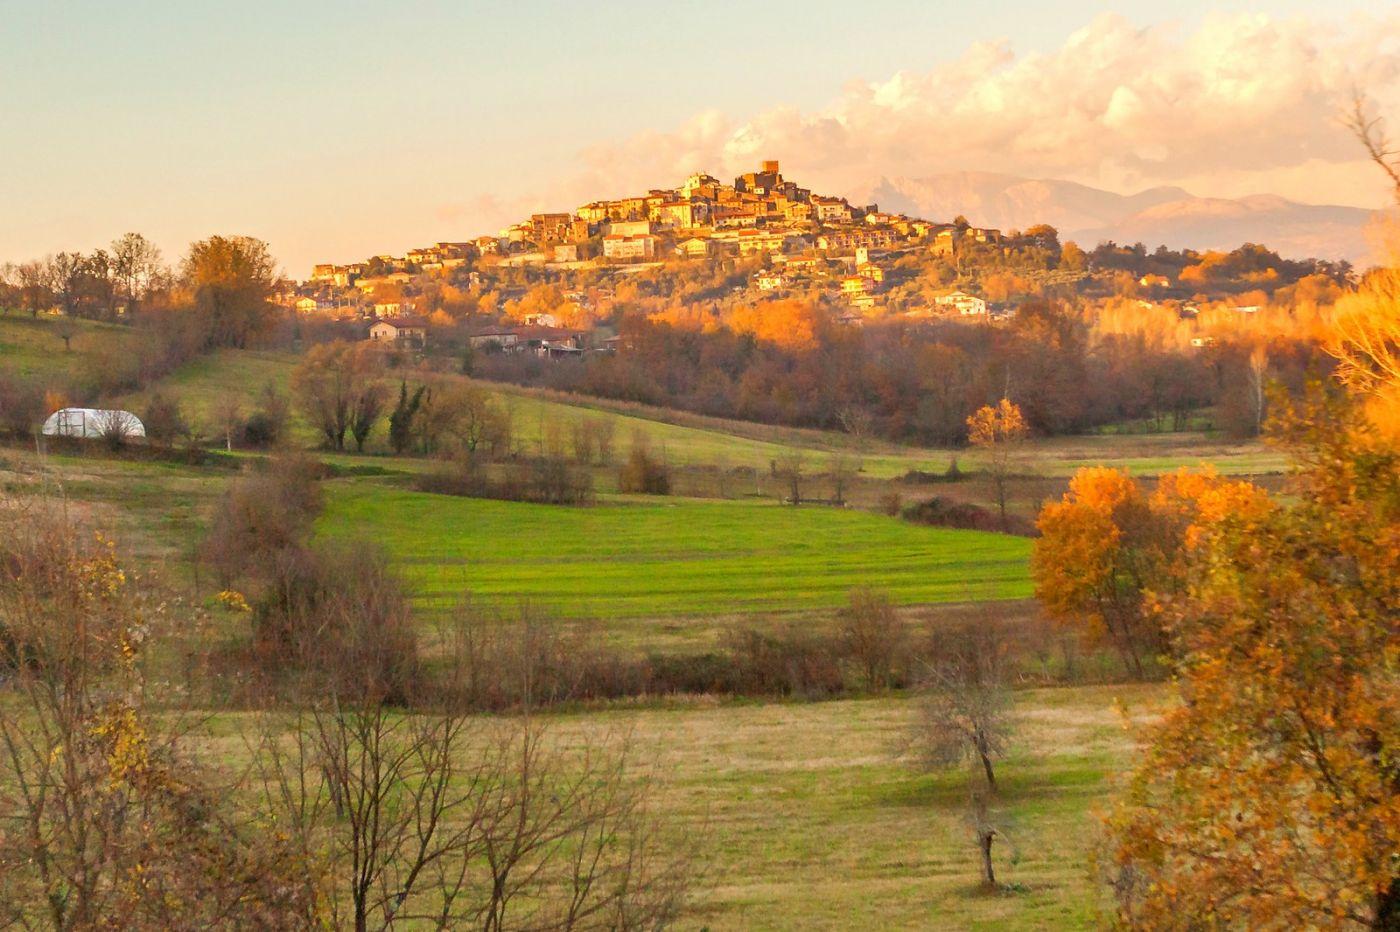 意大利路途,黄昏时的乡村_图1-38